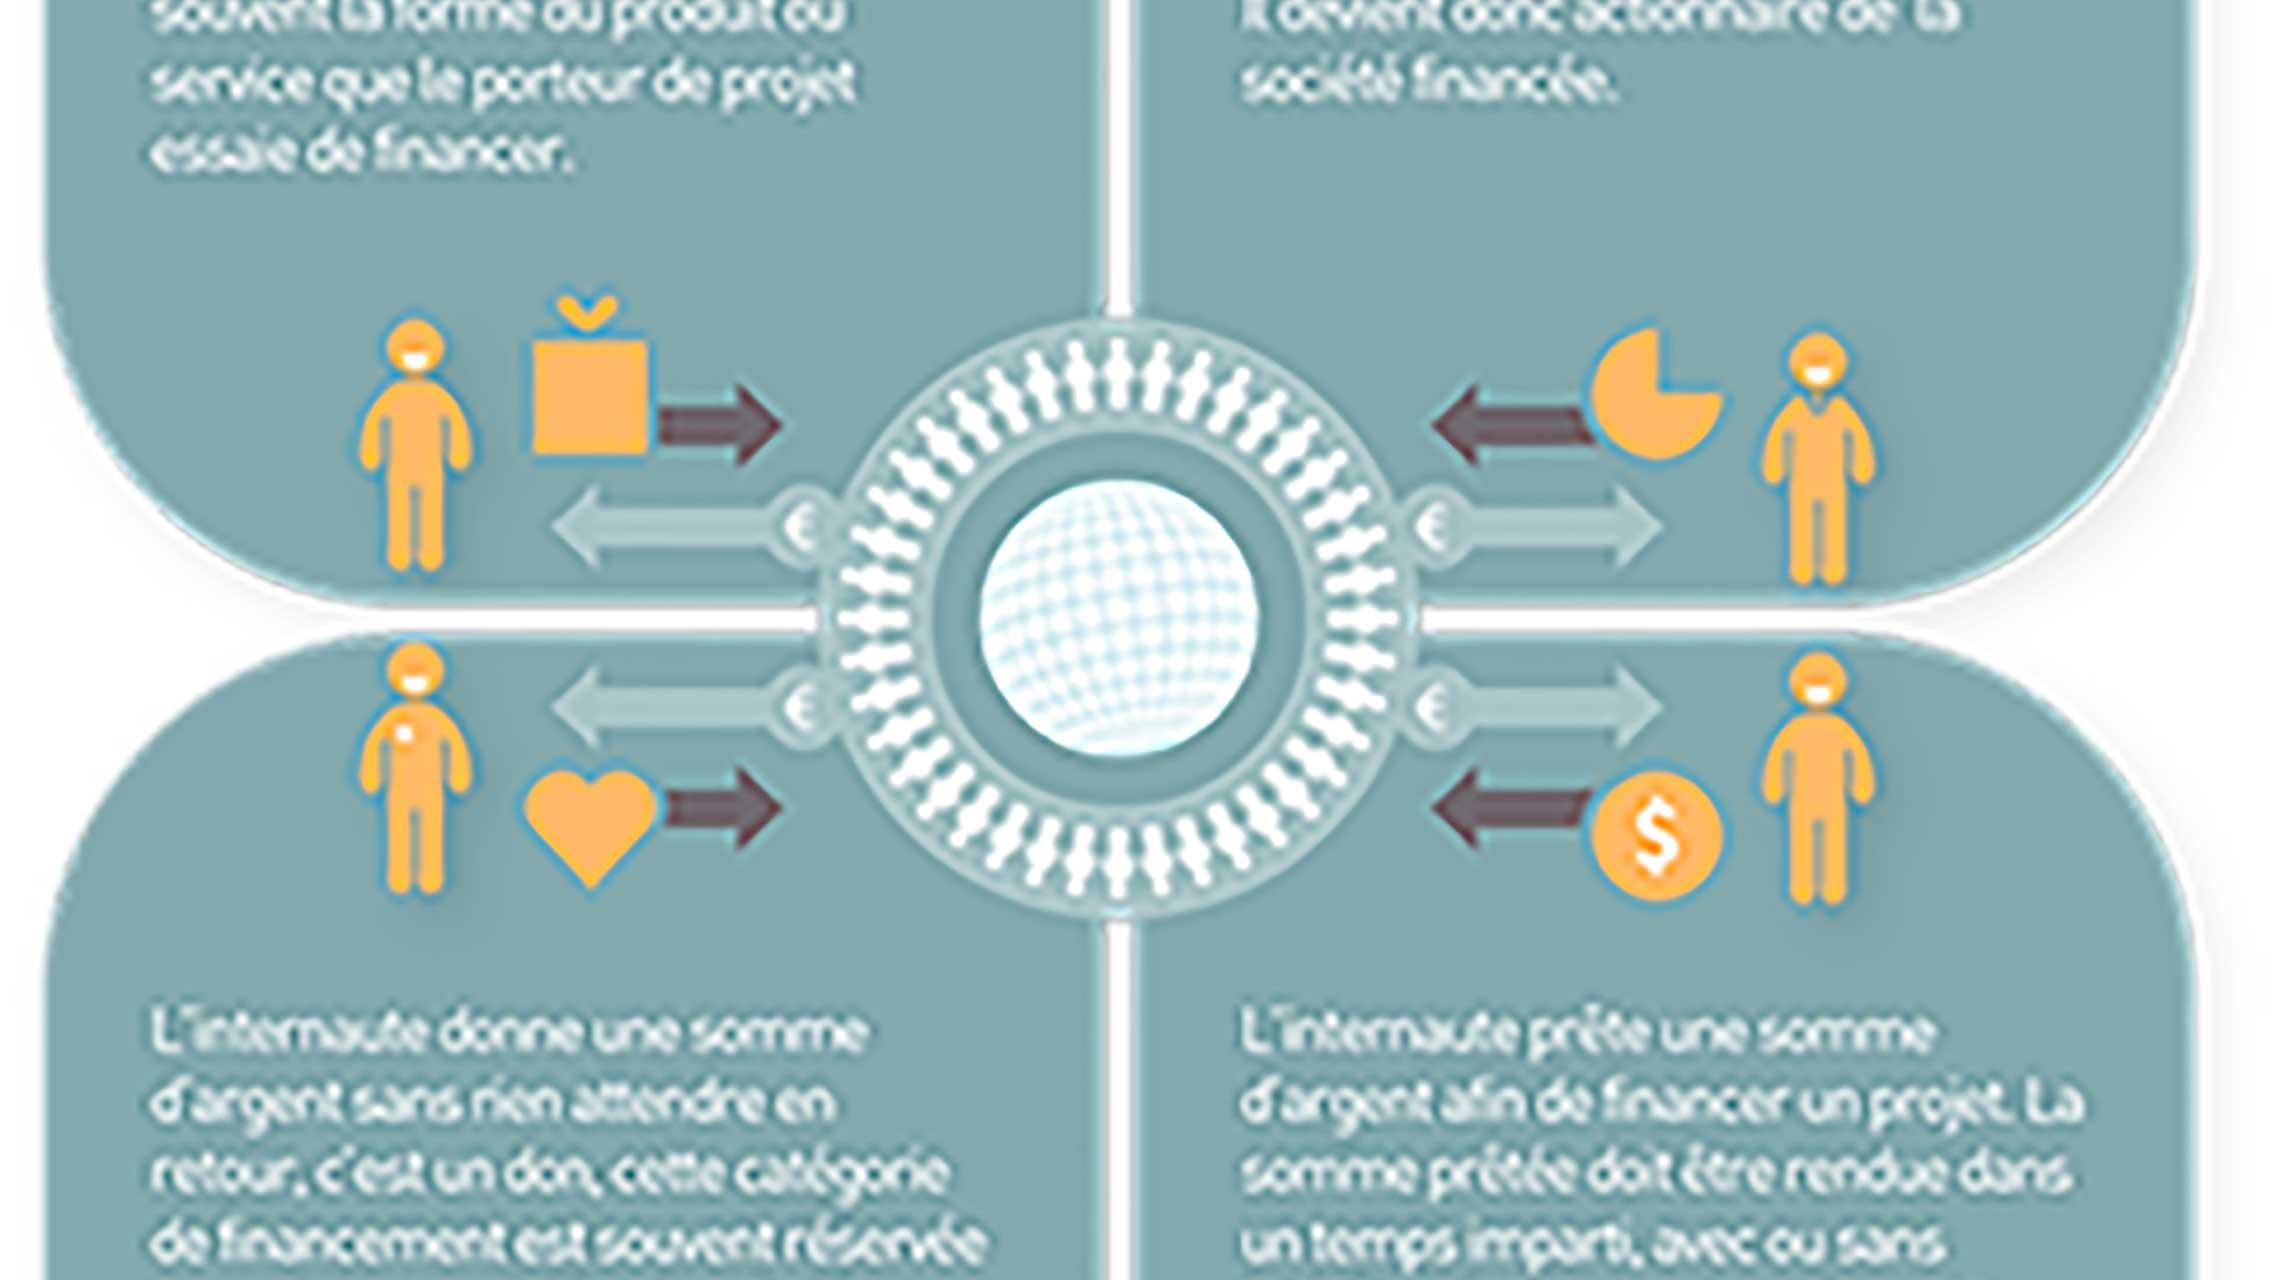 Les réformes du crowdfunding (en récompense, don et prêt)